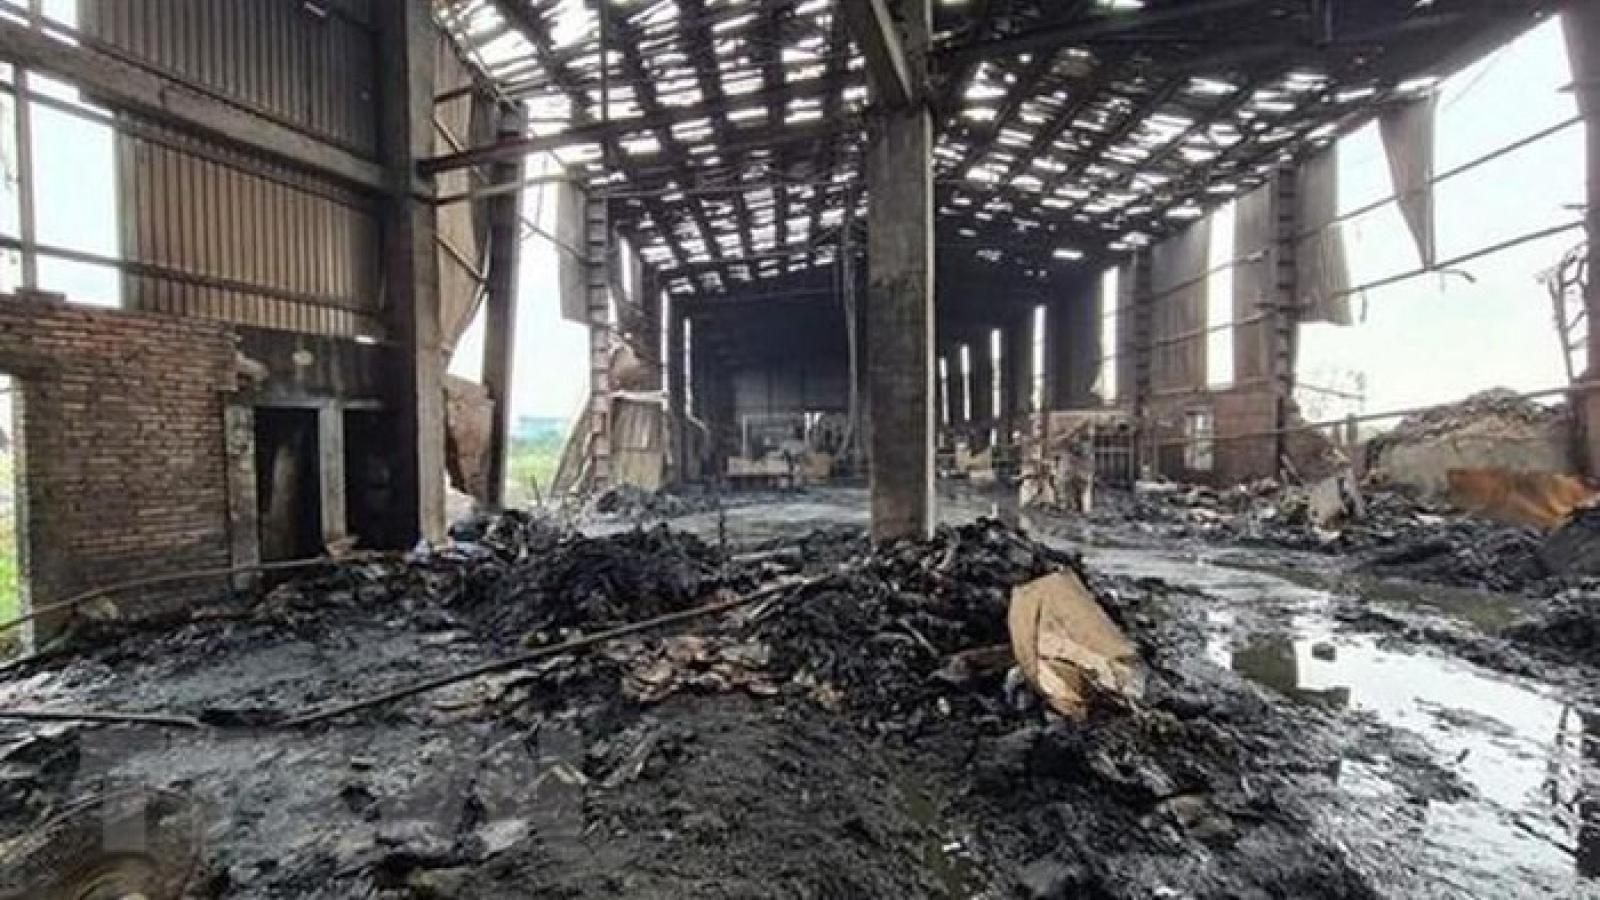 Nổ lò hơi tại xưởng sản xuất giấy ở Bắc Ninh, 1 người tử vong